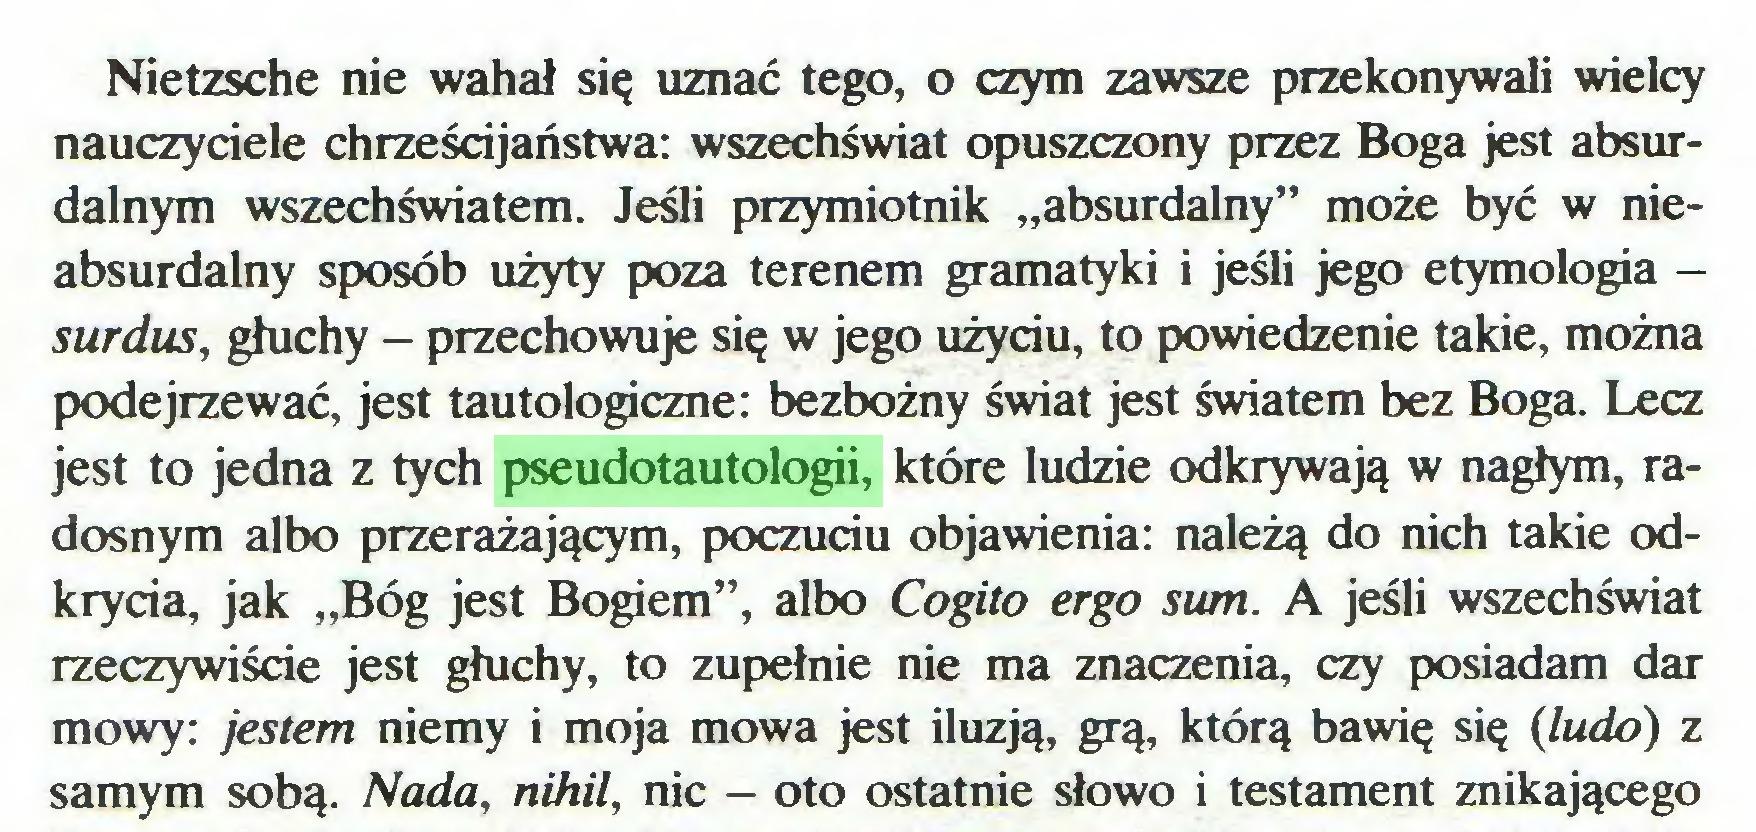 """(...) Nietzsche nie wahał się uznać tego, o czym zawsze przekonywali wielcy nauczyciele chrześcijaństwa: wszechświat opuszczony przez Boga jest absurdalnym wszechświatem. Jeśli przymiotnik """"absurdalny"""" może być w nieabsurdalny sposób użyty poza terenem gramatyki i jeśli jego etymologia surdus, głuchy - przechowuje się w jego użyciu, to powiedzenie takie, można podejrzewać, jest tautologiczne: bezbożny świat jest światem bez Boga. Lecz jest to jedna z tych pseudotautologii, które ludzie odkrywają w nagłym, radosnym albo przerażającym, poczuciu objawienia: należą do nich takie odkrycia, jak """"Bóg jest Bogiem"""", albo Cogito ergo sum. A jeśli wszechświat rzeczywiście jest głuchy, to zupełnie nie ma znaczenia, czy posiadam dar mowy: jestem niemy i moja mowa jest iluzją, grą, którą bawię się (ludo) z samym sobą. Nada, nihil, nic — oto ostatnie słowo i testament znikającego..."""